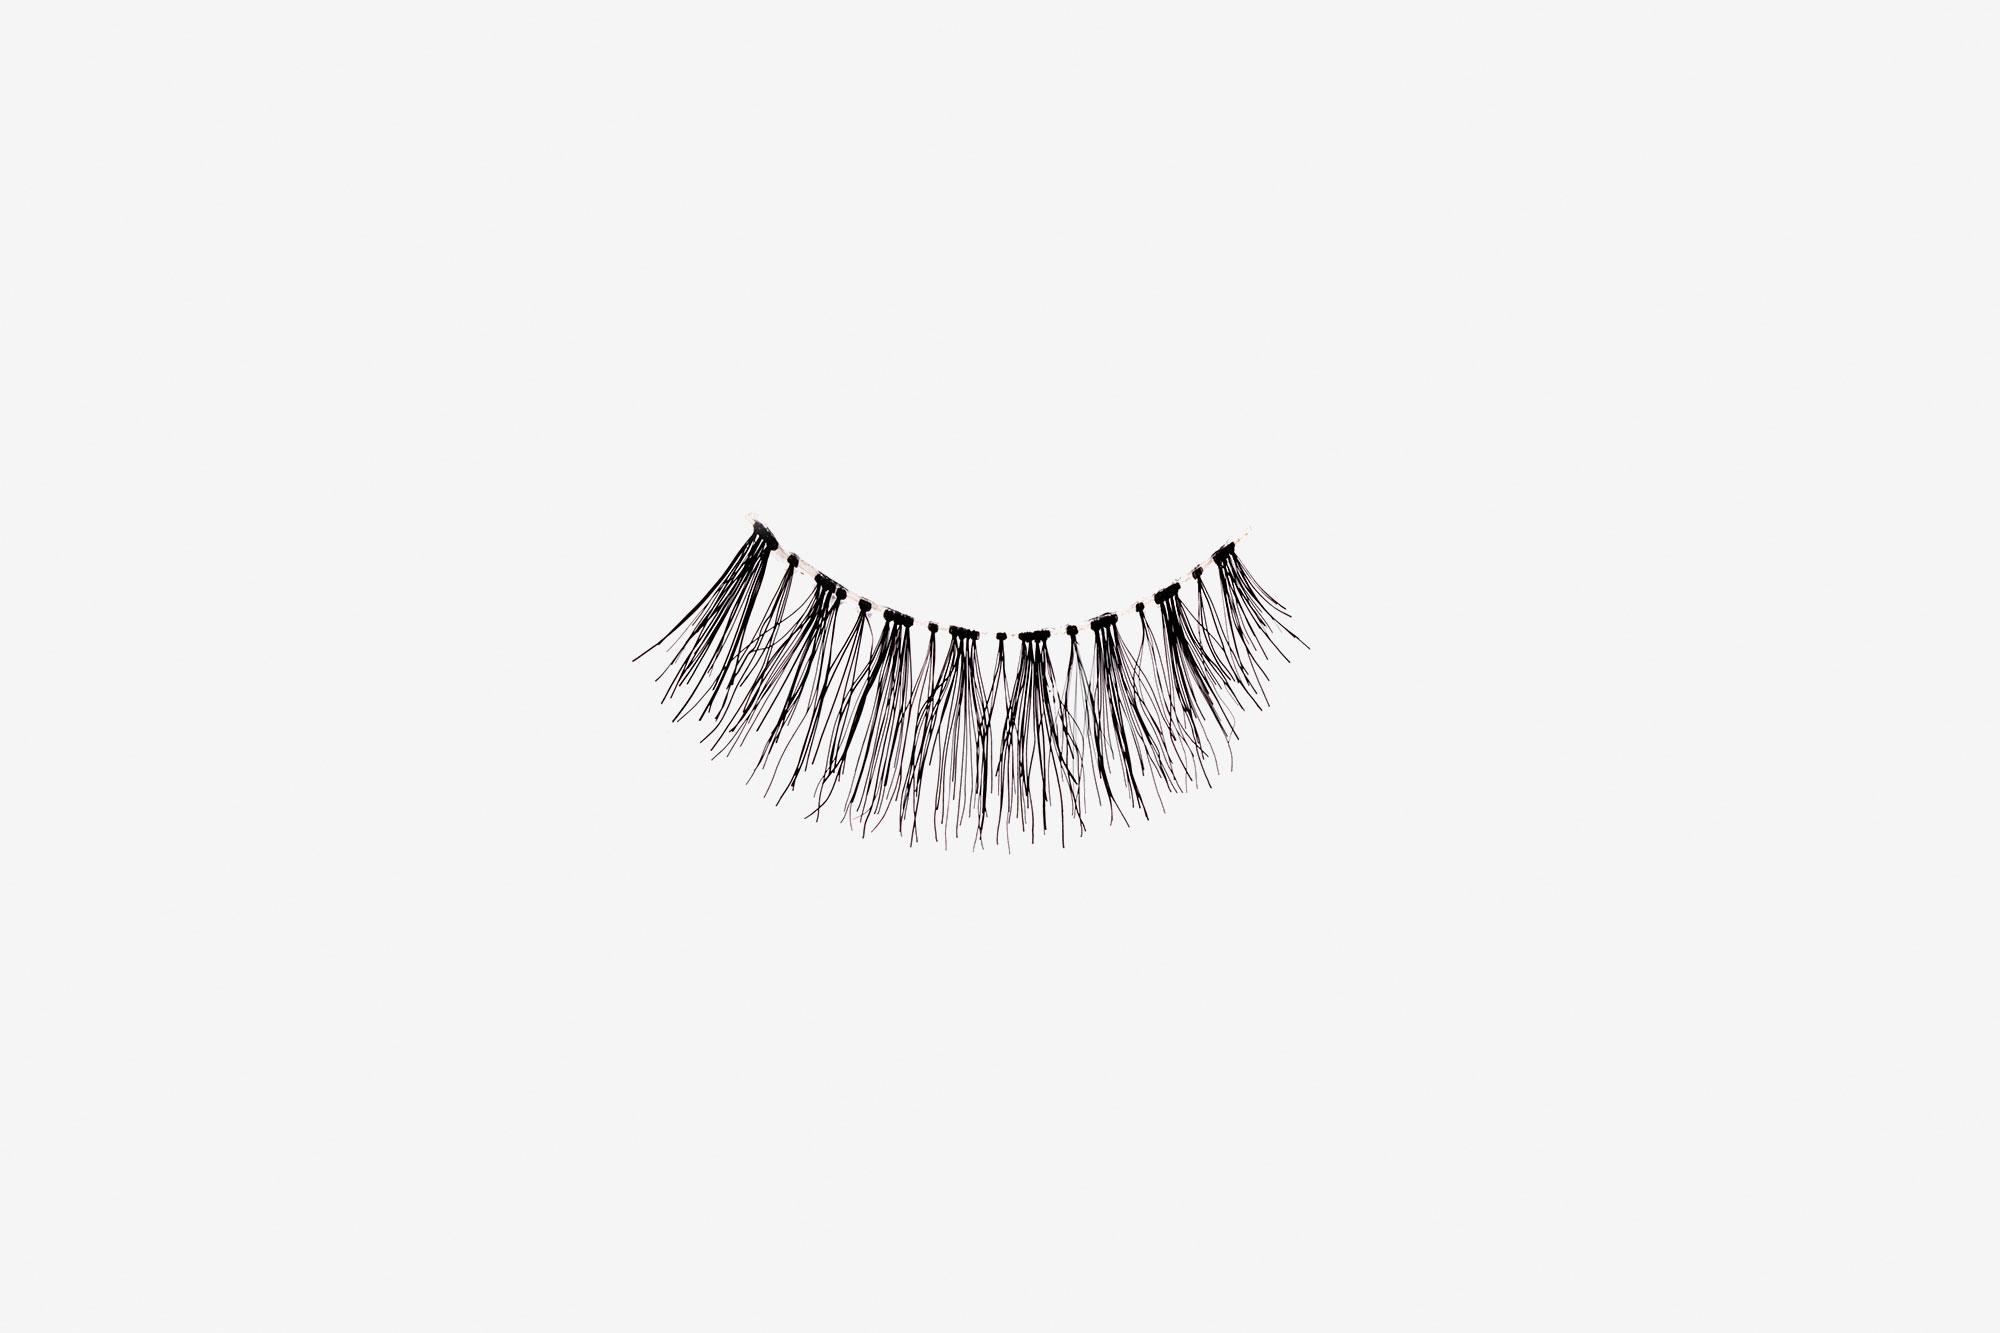 Kourtney False Eyelashes, single false lash on grey background